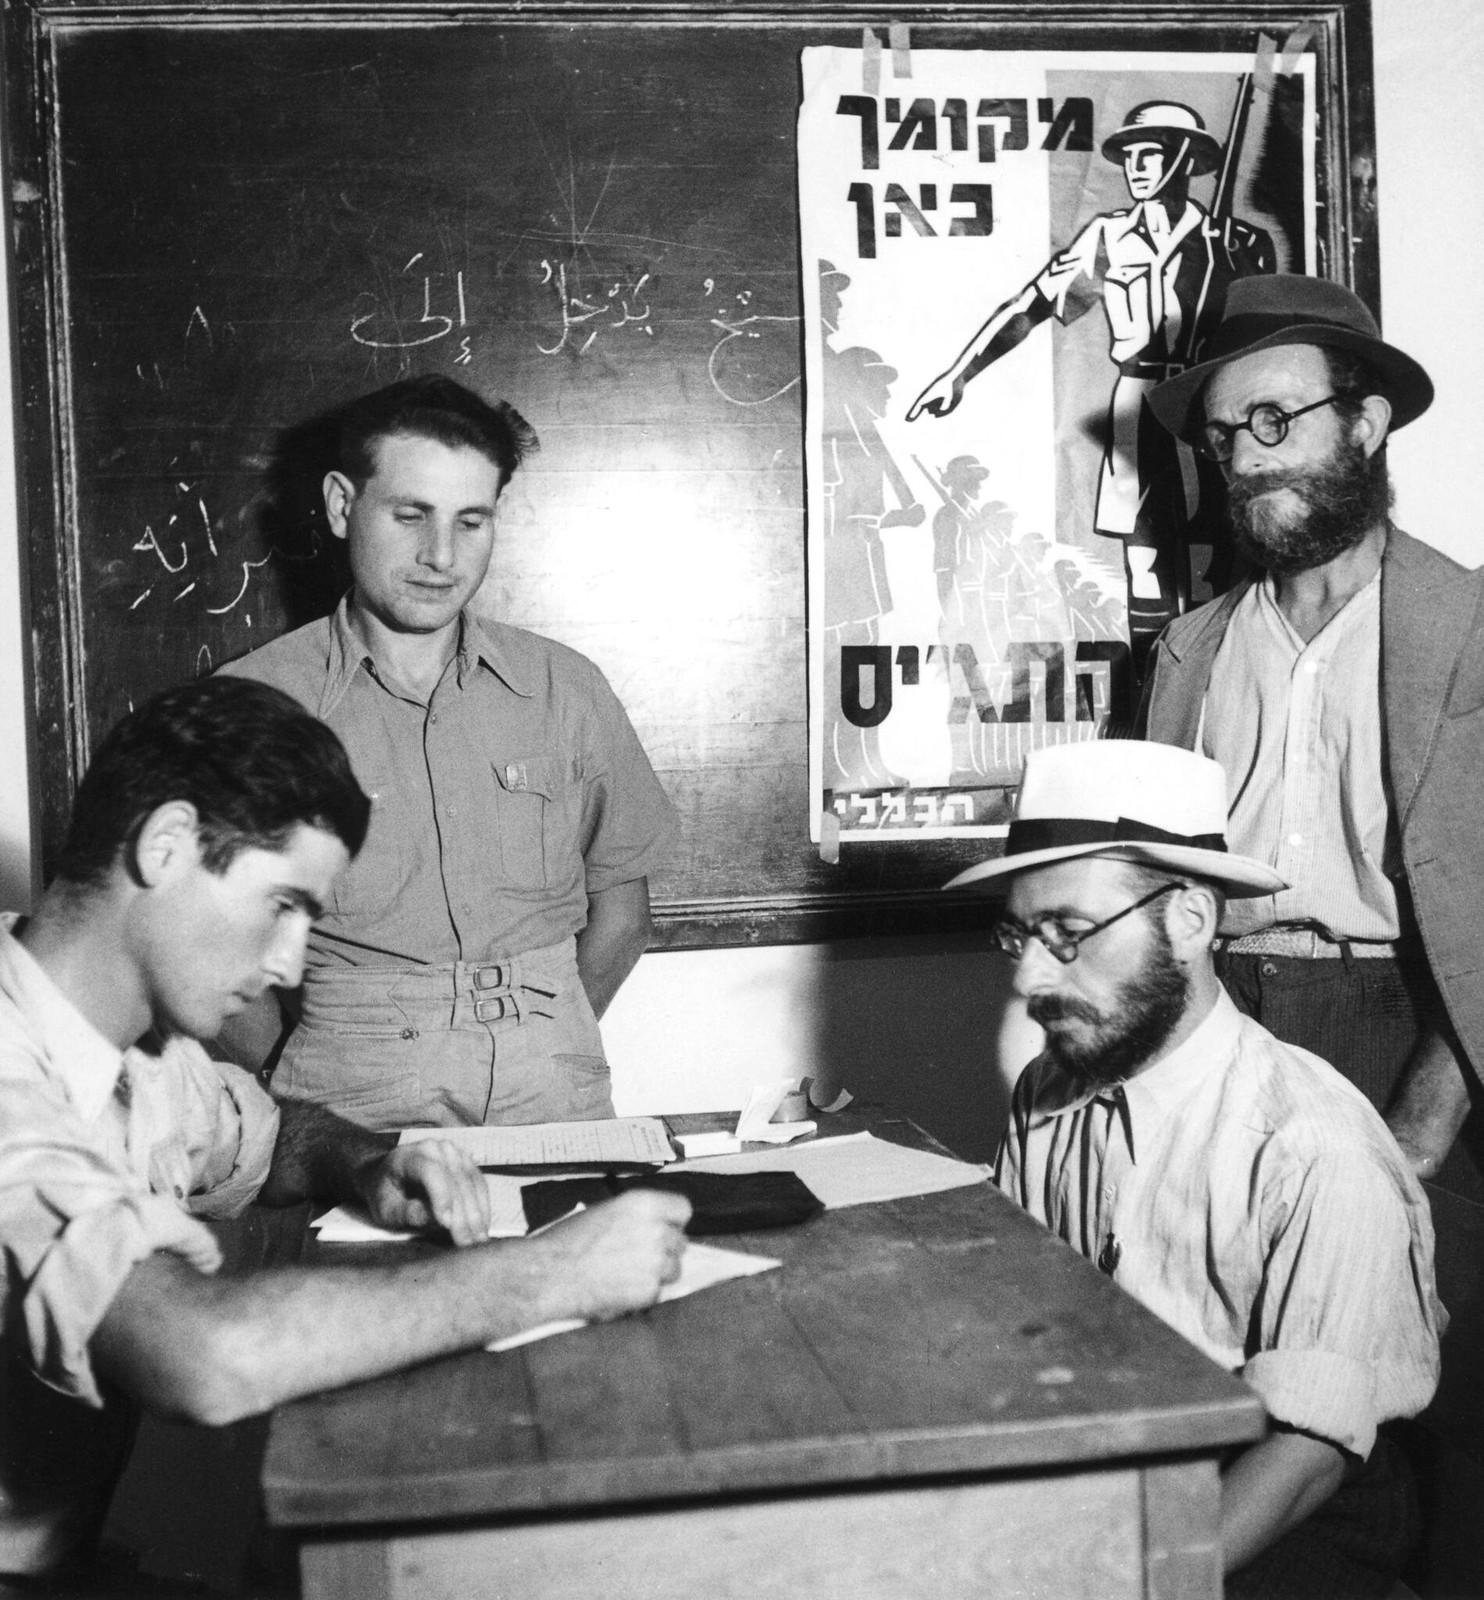 13. Еврейские добровольцы присоединяются к британской армии в Палестине после начала Второй мировой войны